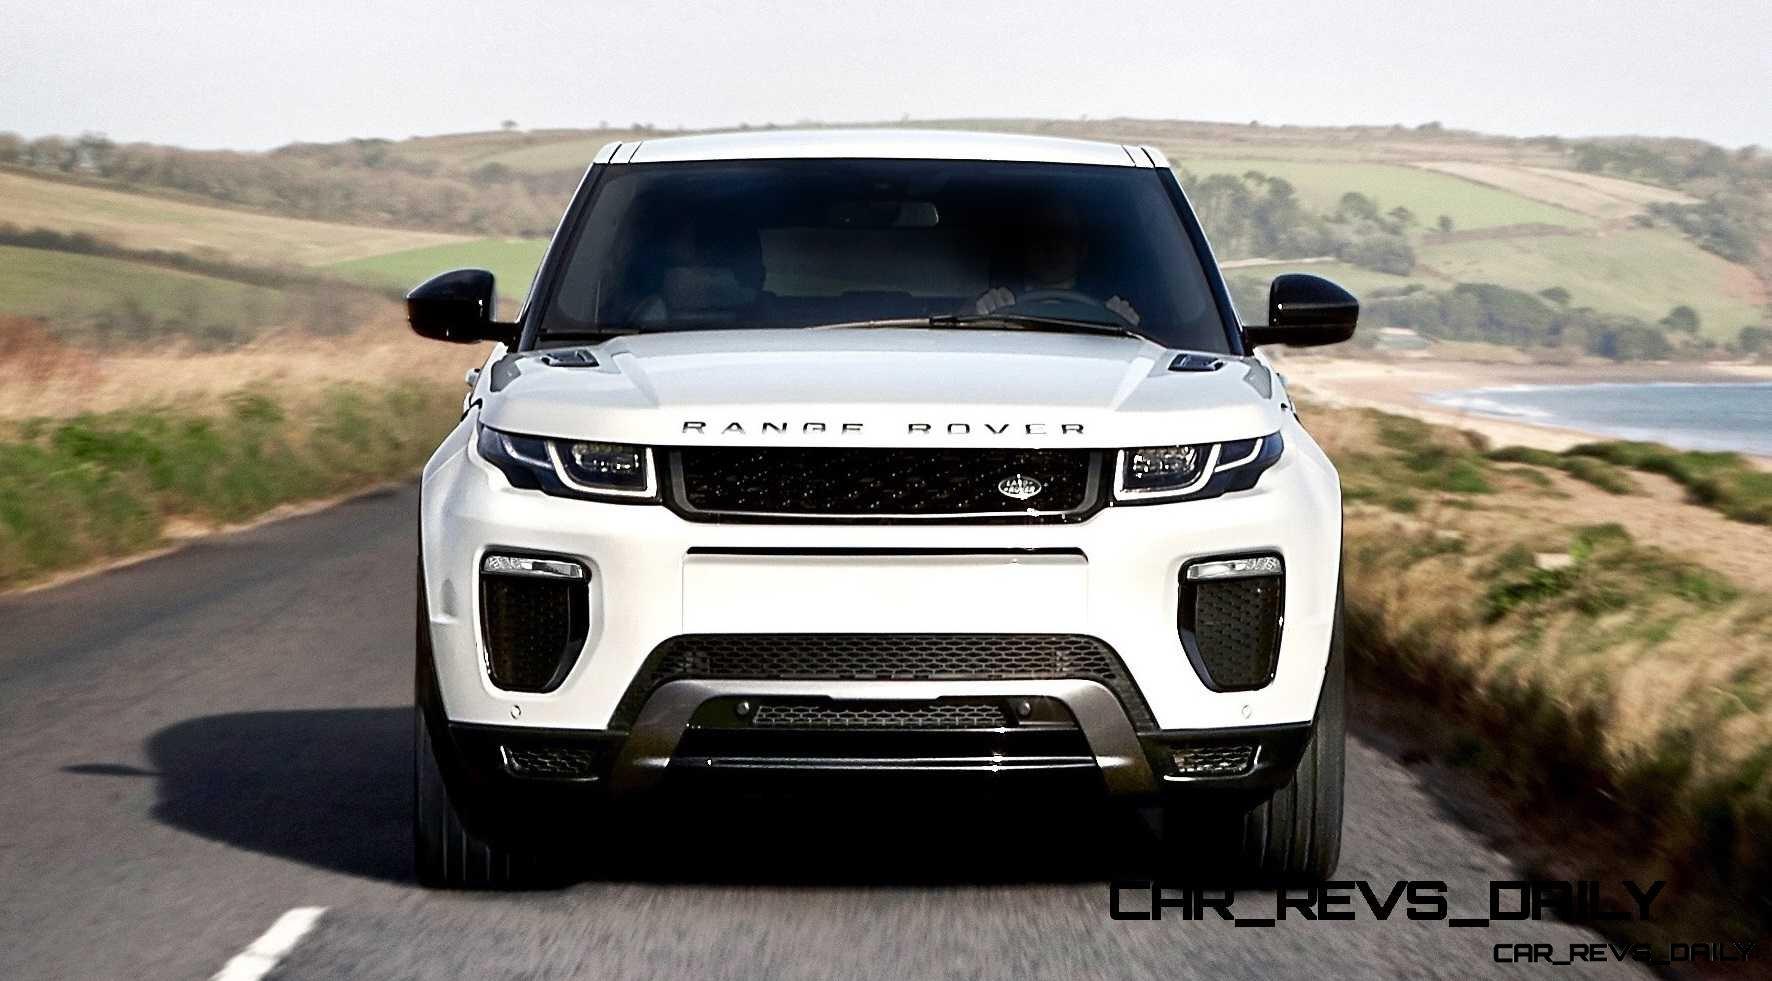 2016-Range-Rover-EVOQUE-12a